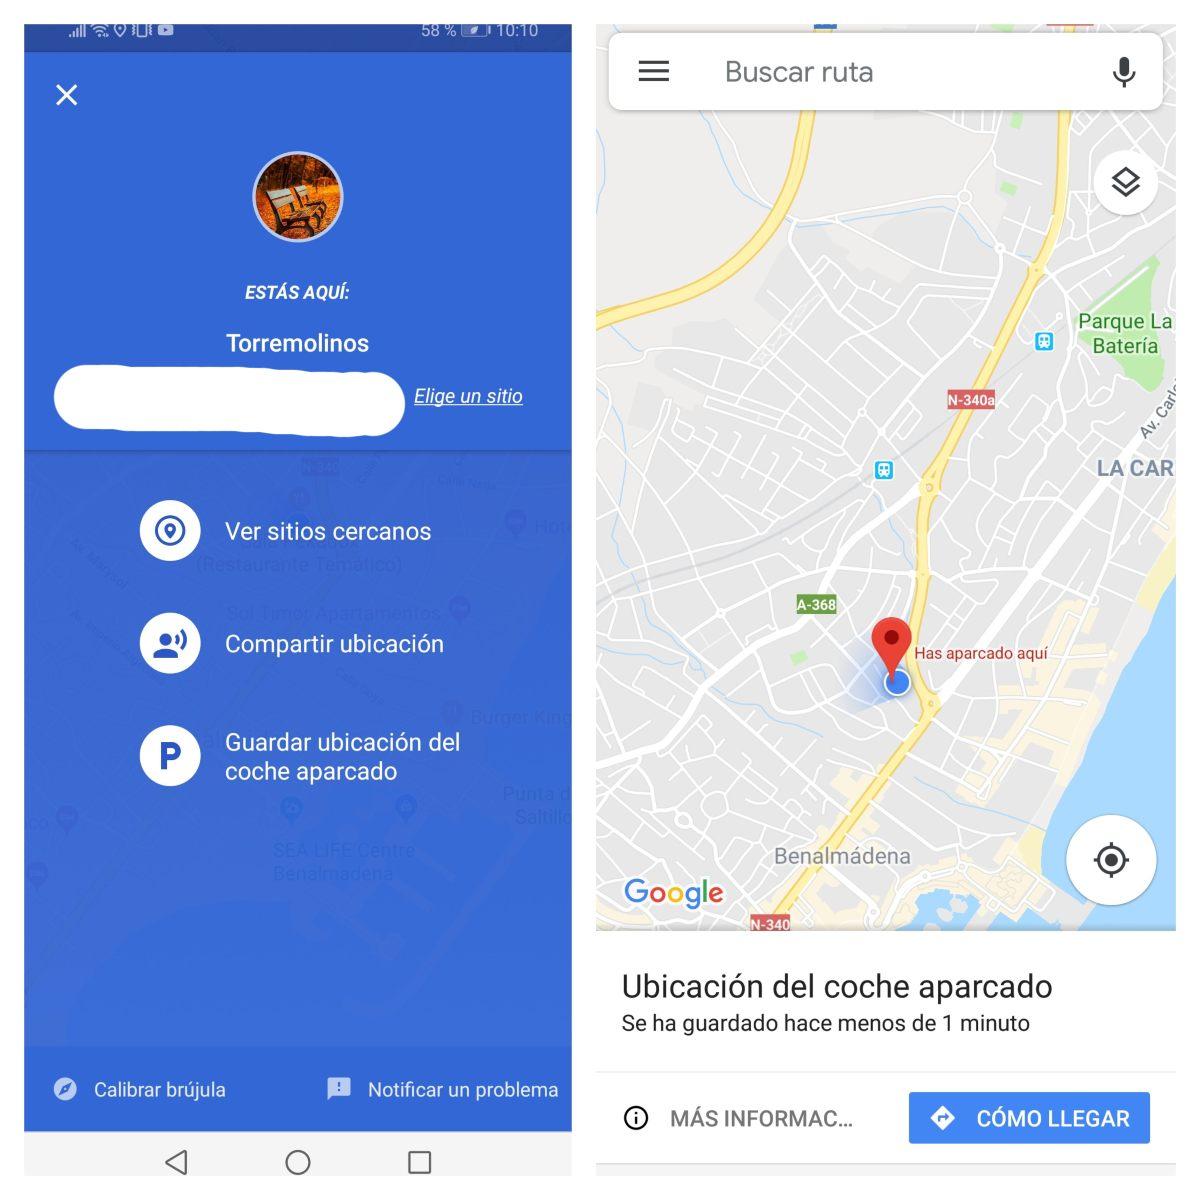 Guardar ubicación del coche en Google Maps